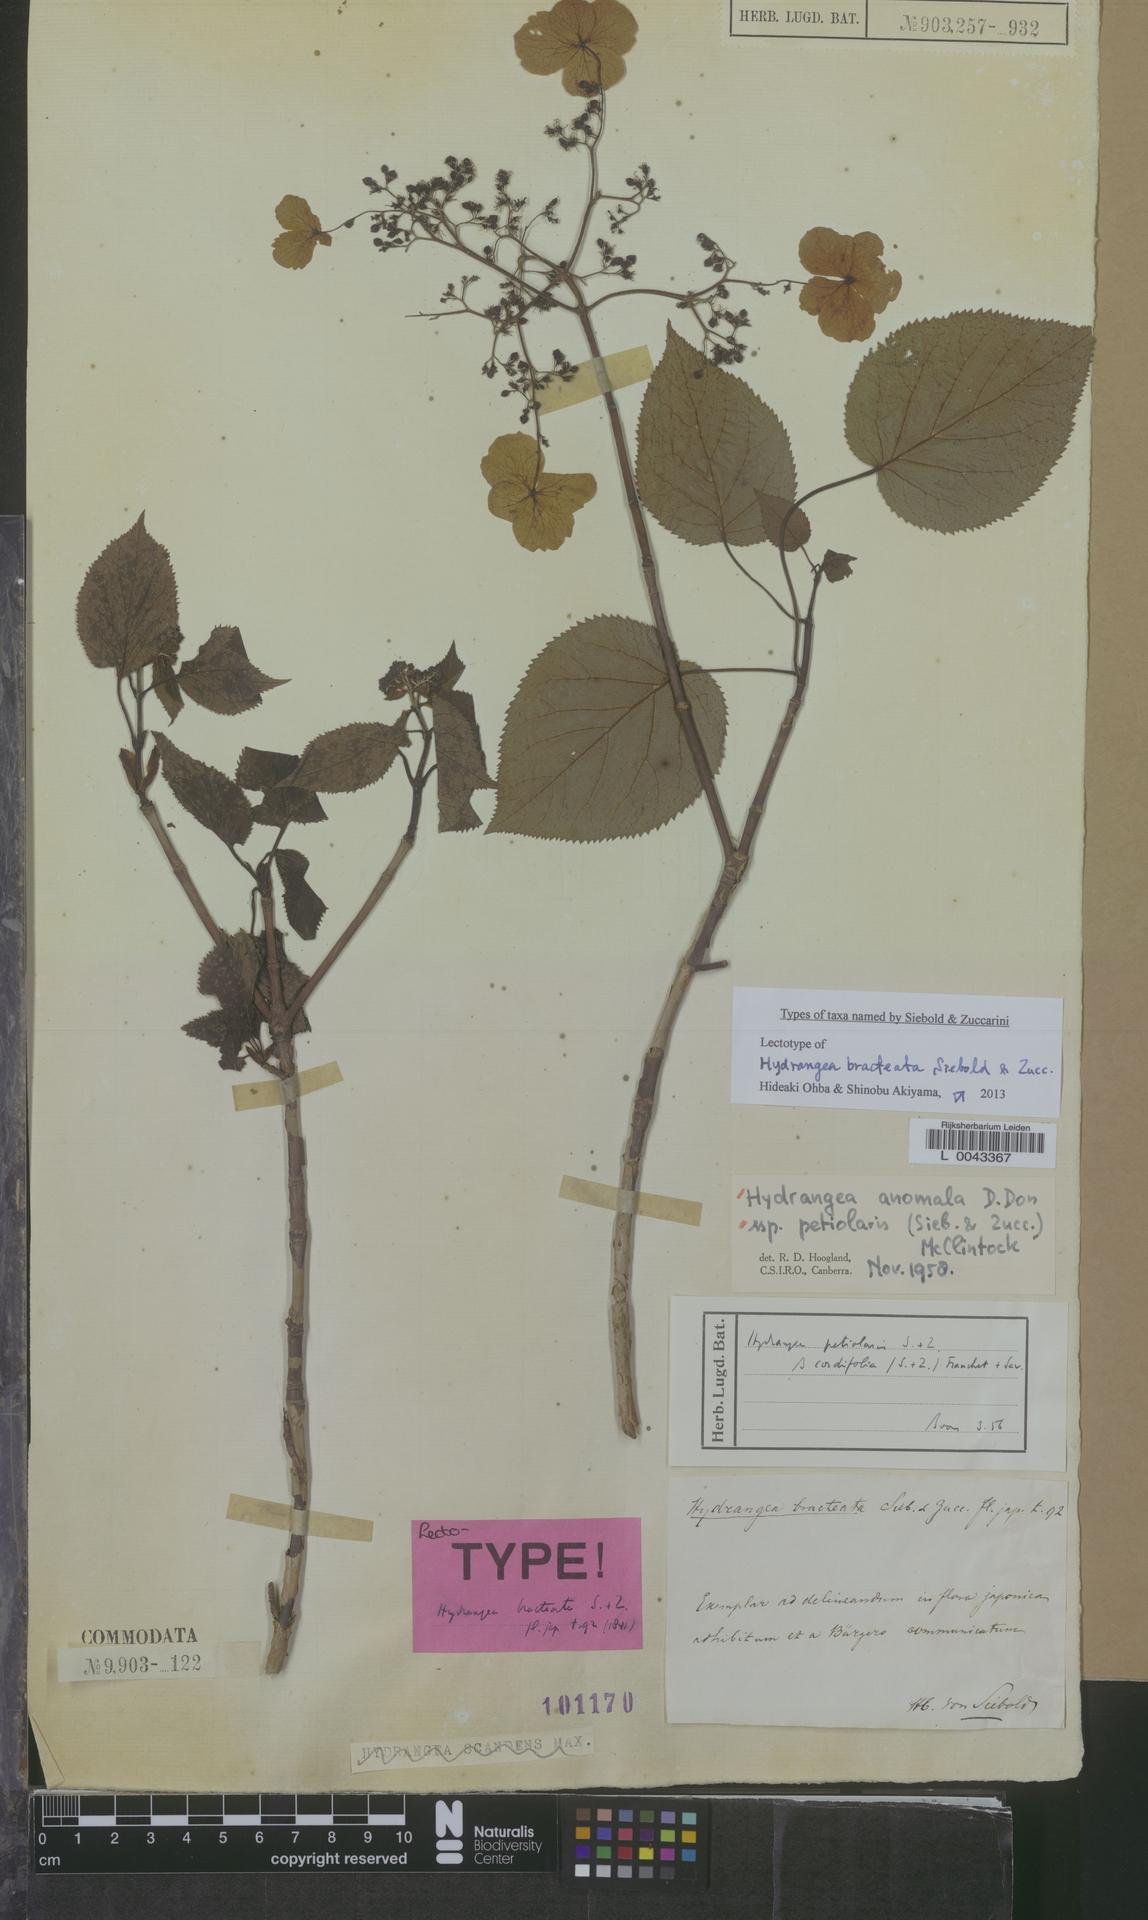 L  0043367 | Hydrangea anomala subsp. petiolaris (Siebold & Zucc.) McClint.